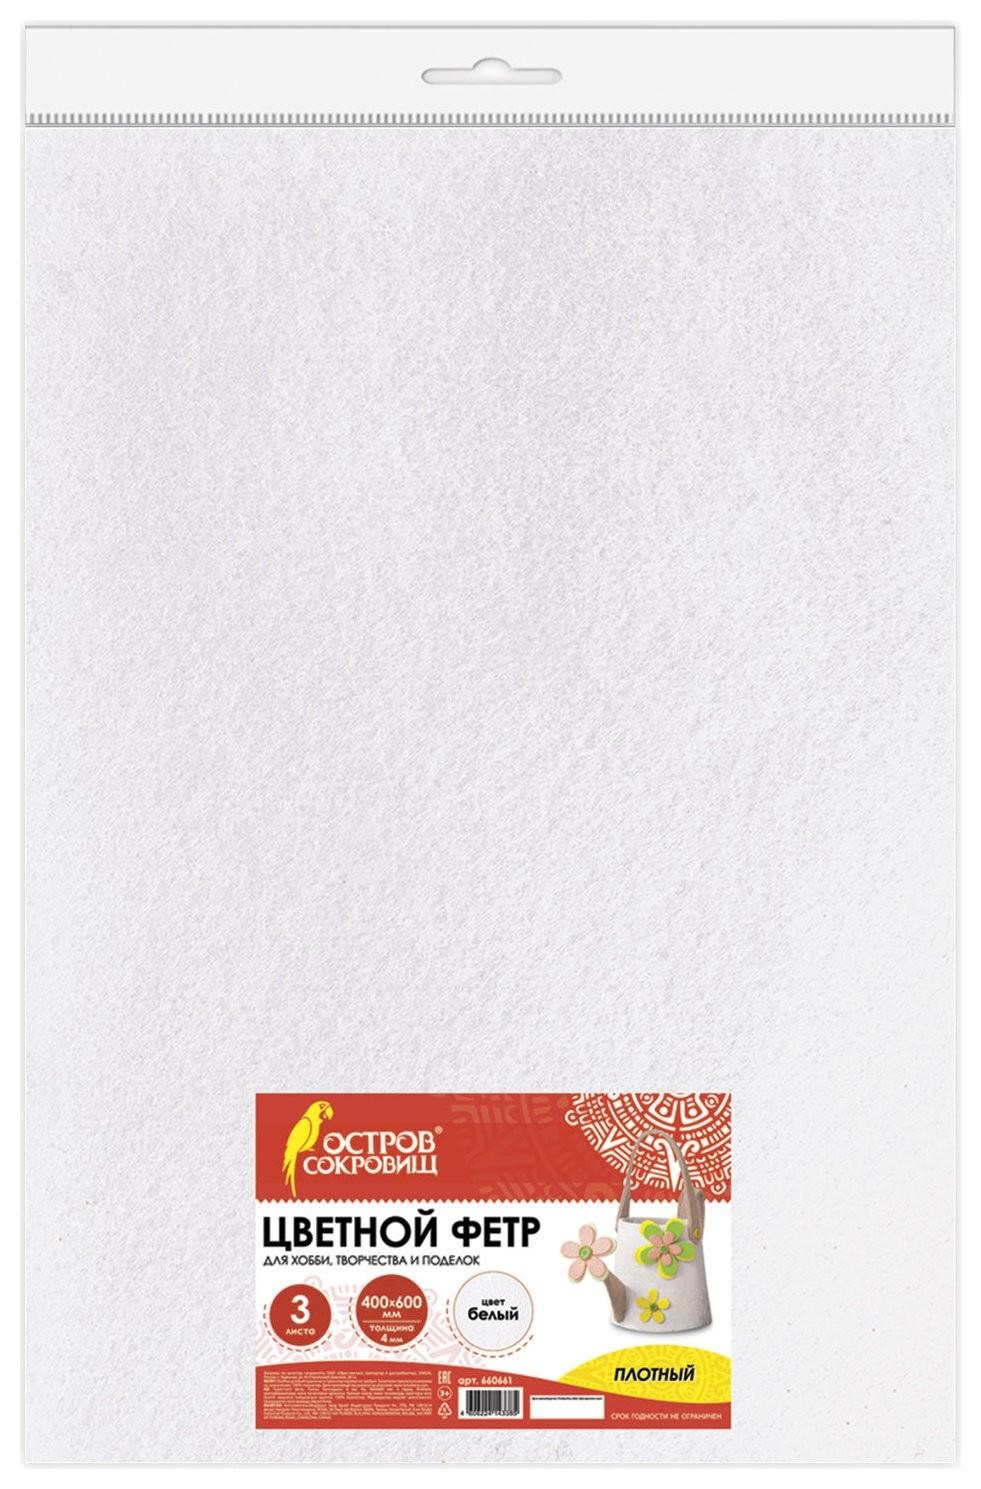 Цветной фетр для творчества белый плотный 400х600 мм   Остров сокровищ